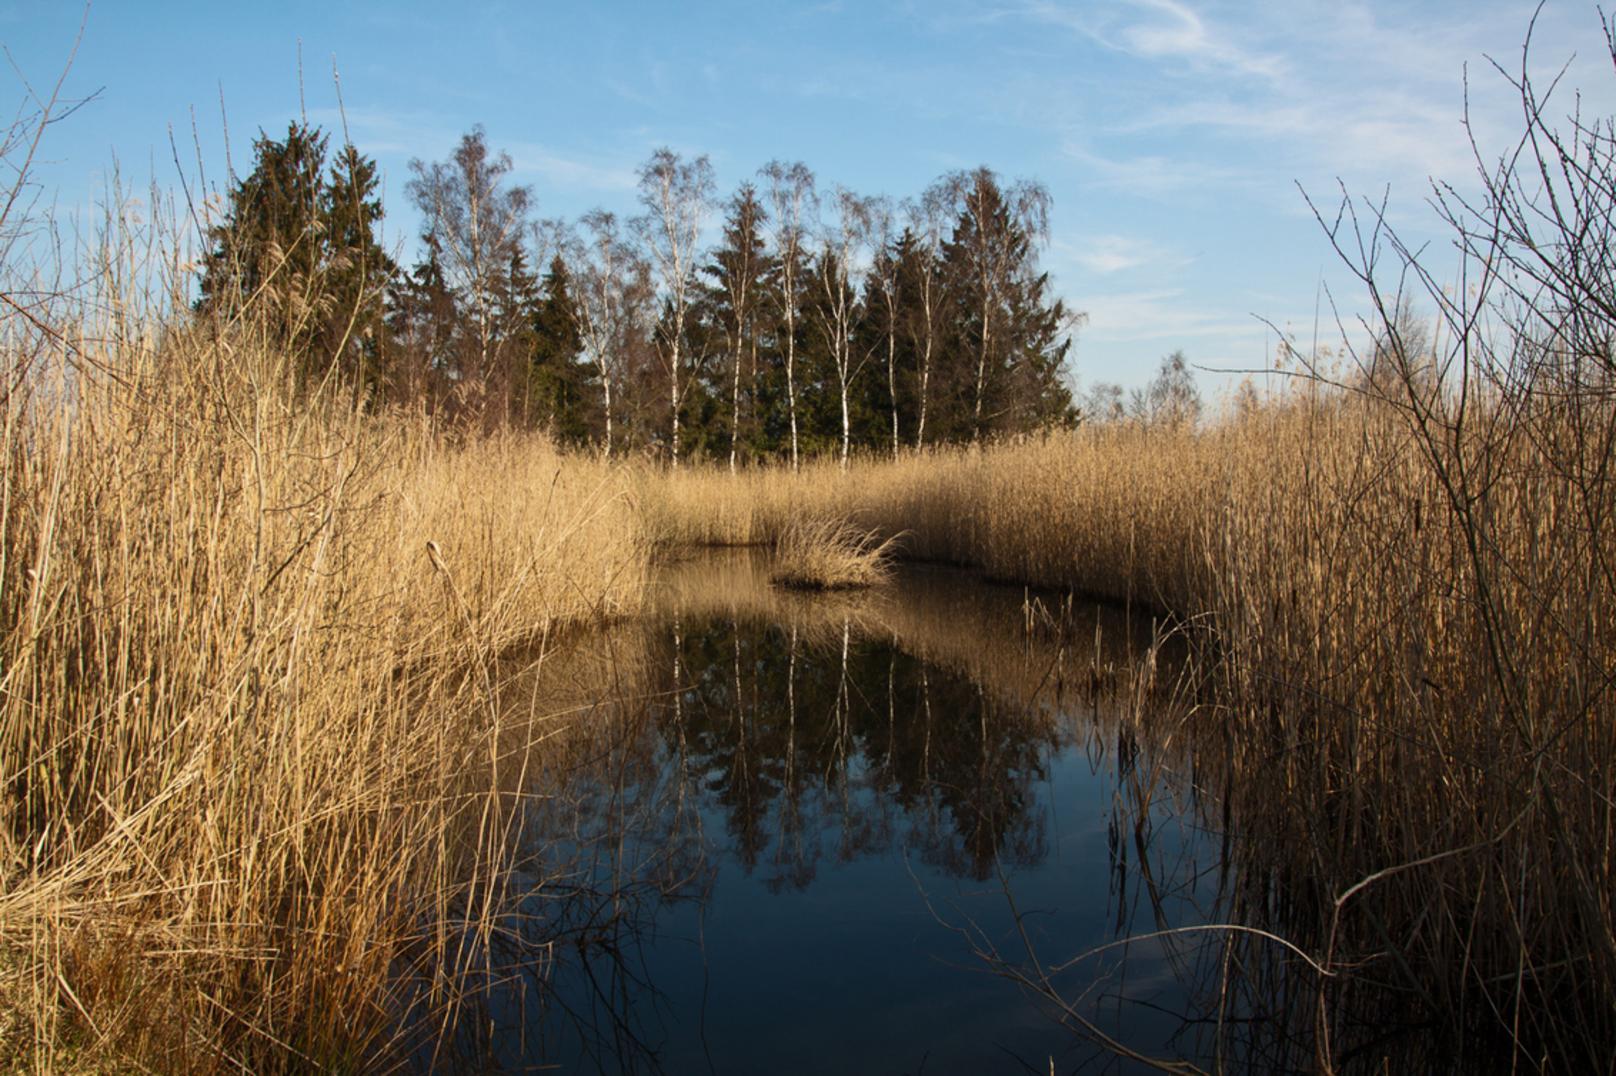 Hageven - Tussen Lommel-Kolonie en Neerpelt in België en Borkel en Schaft in Nederland ligt een gigantisch heide- en vennengebied. De Plateaus aan de Nederland - foto door kosmopol op 21-03-2012 - deze foto bevat: natuurgebied, ven, kosmopol